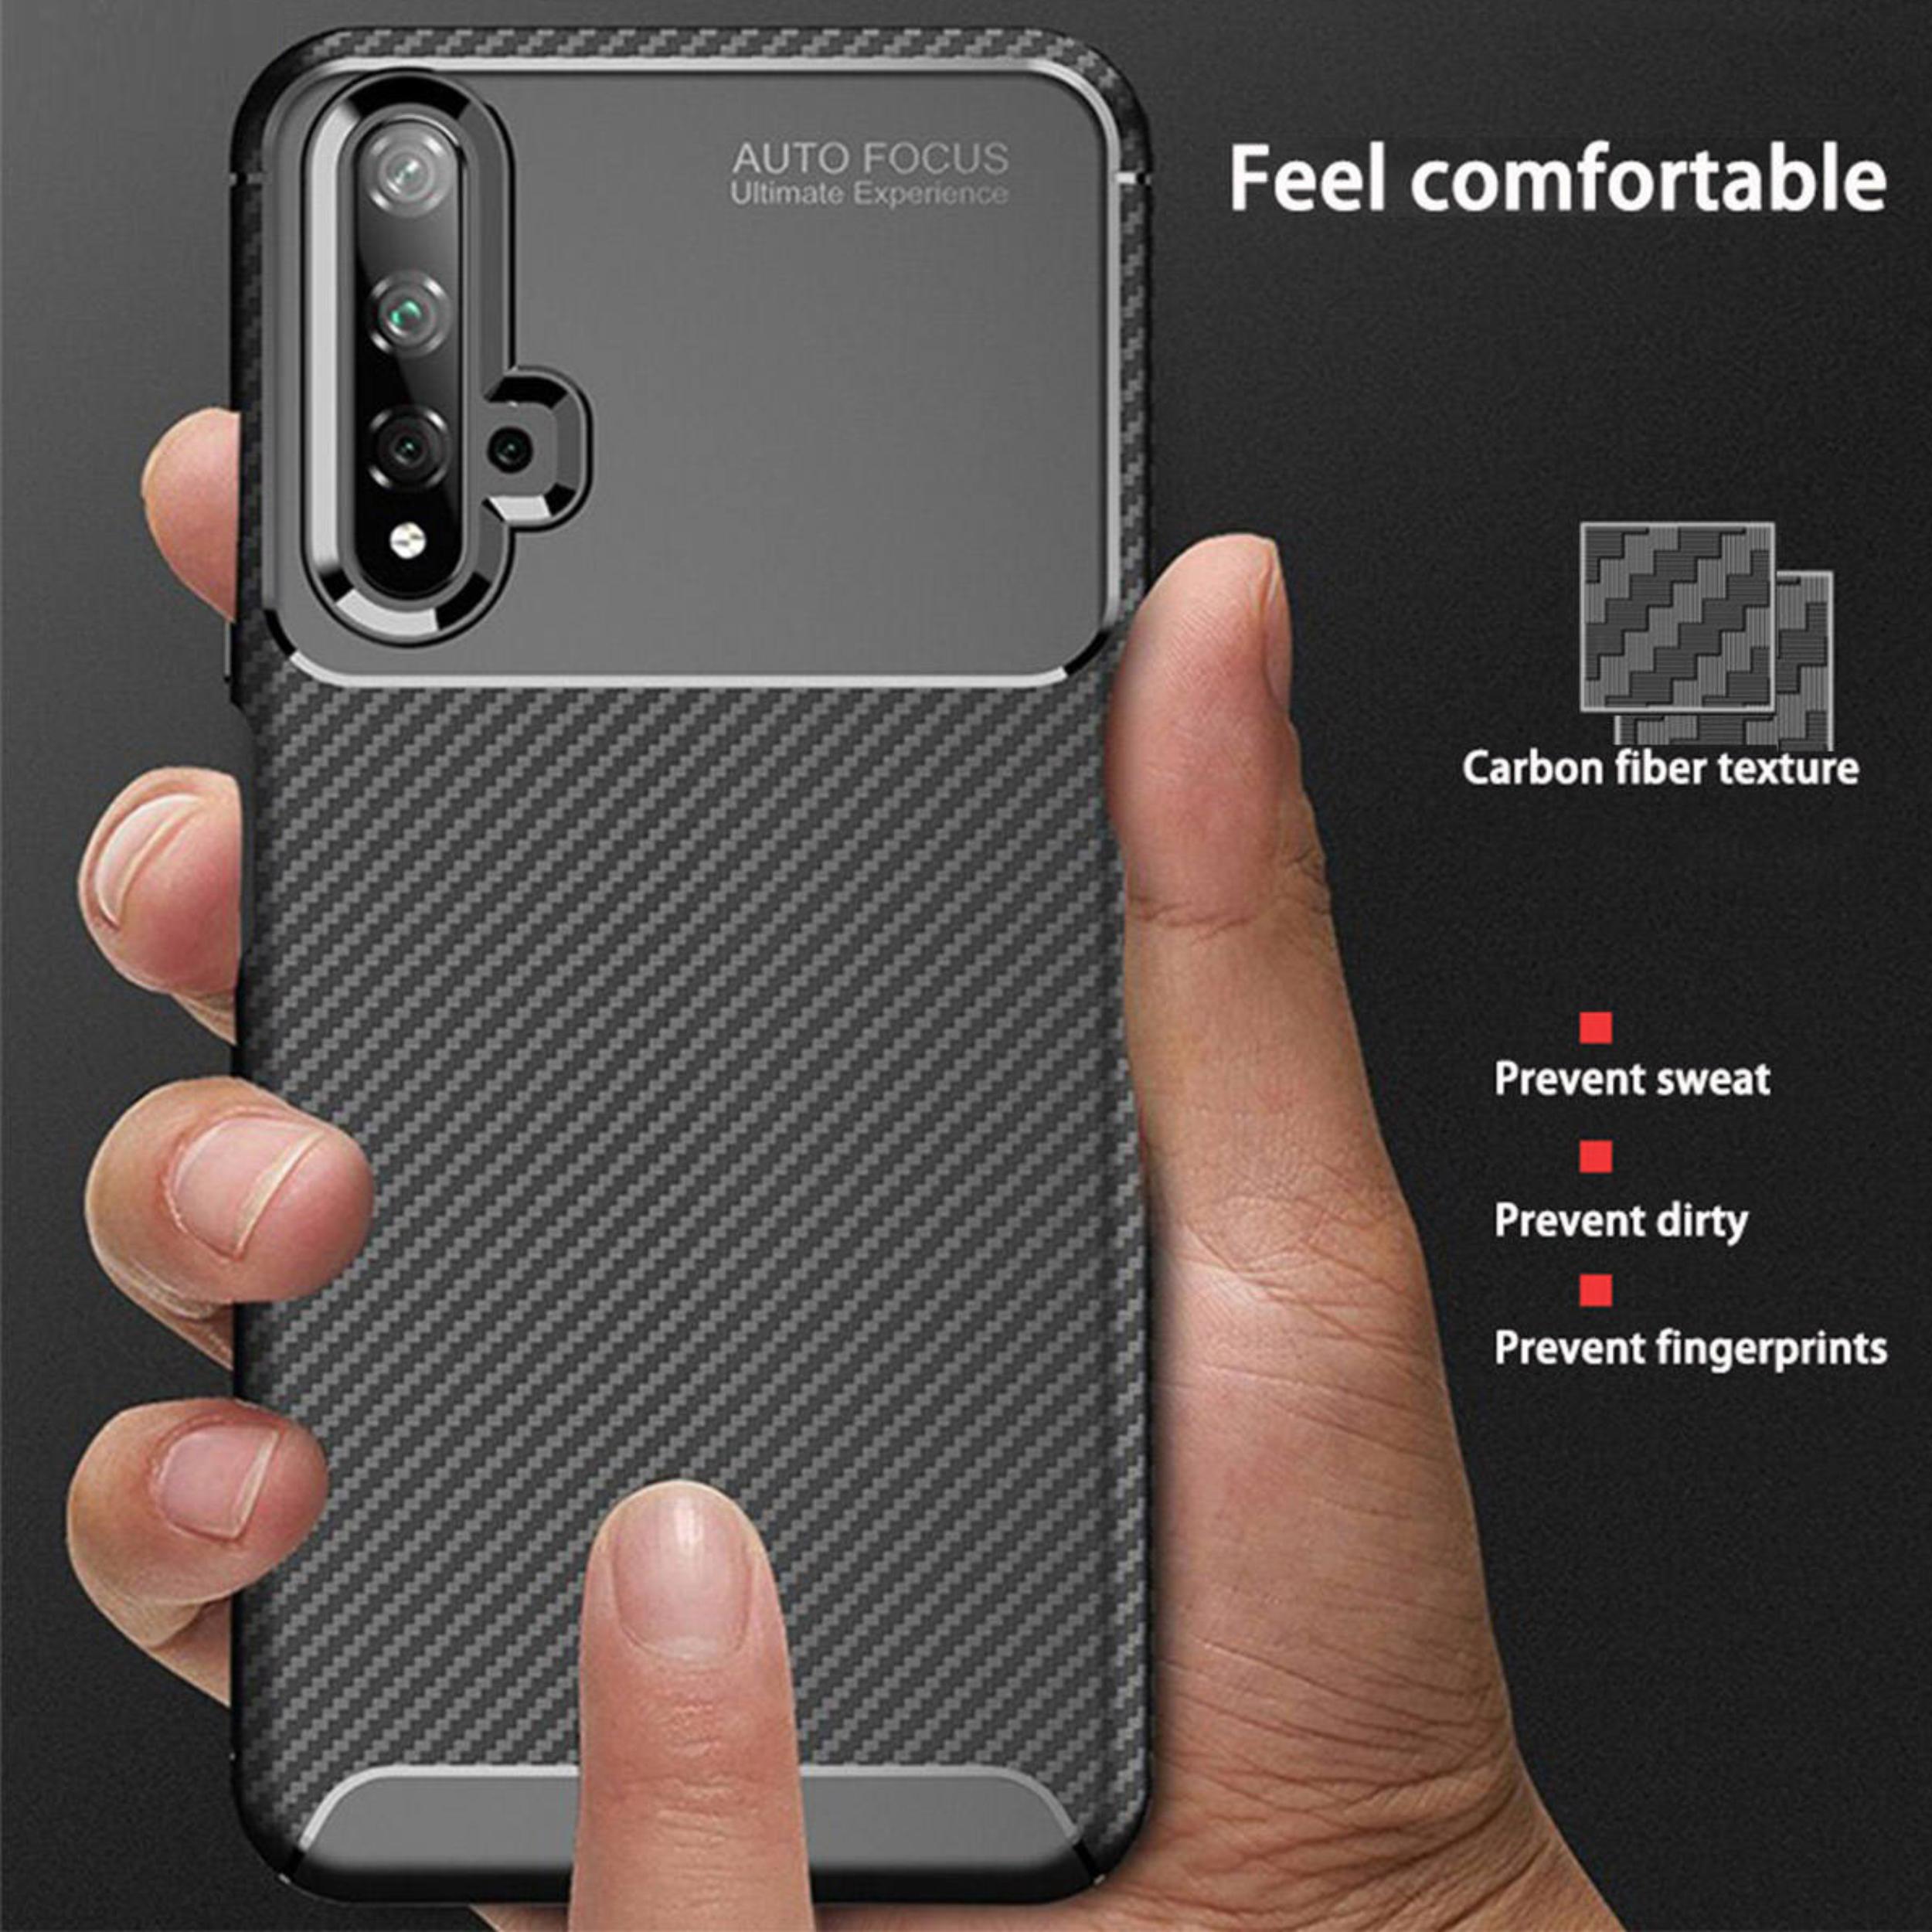 کاور لاین کینگ مدل A21 مناسب برای گوشی موبایل هوآوی Nova 5T thumb 2 2